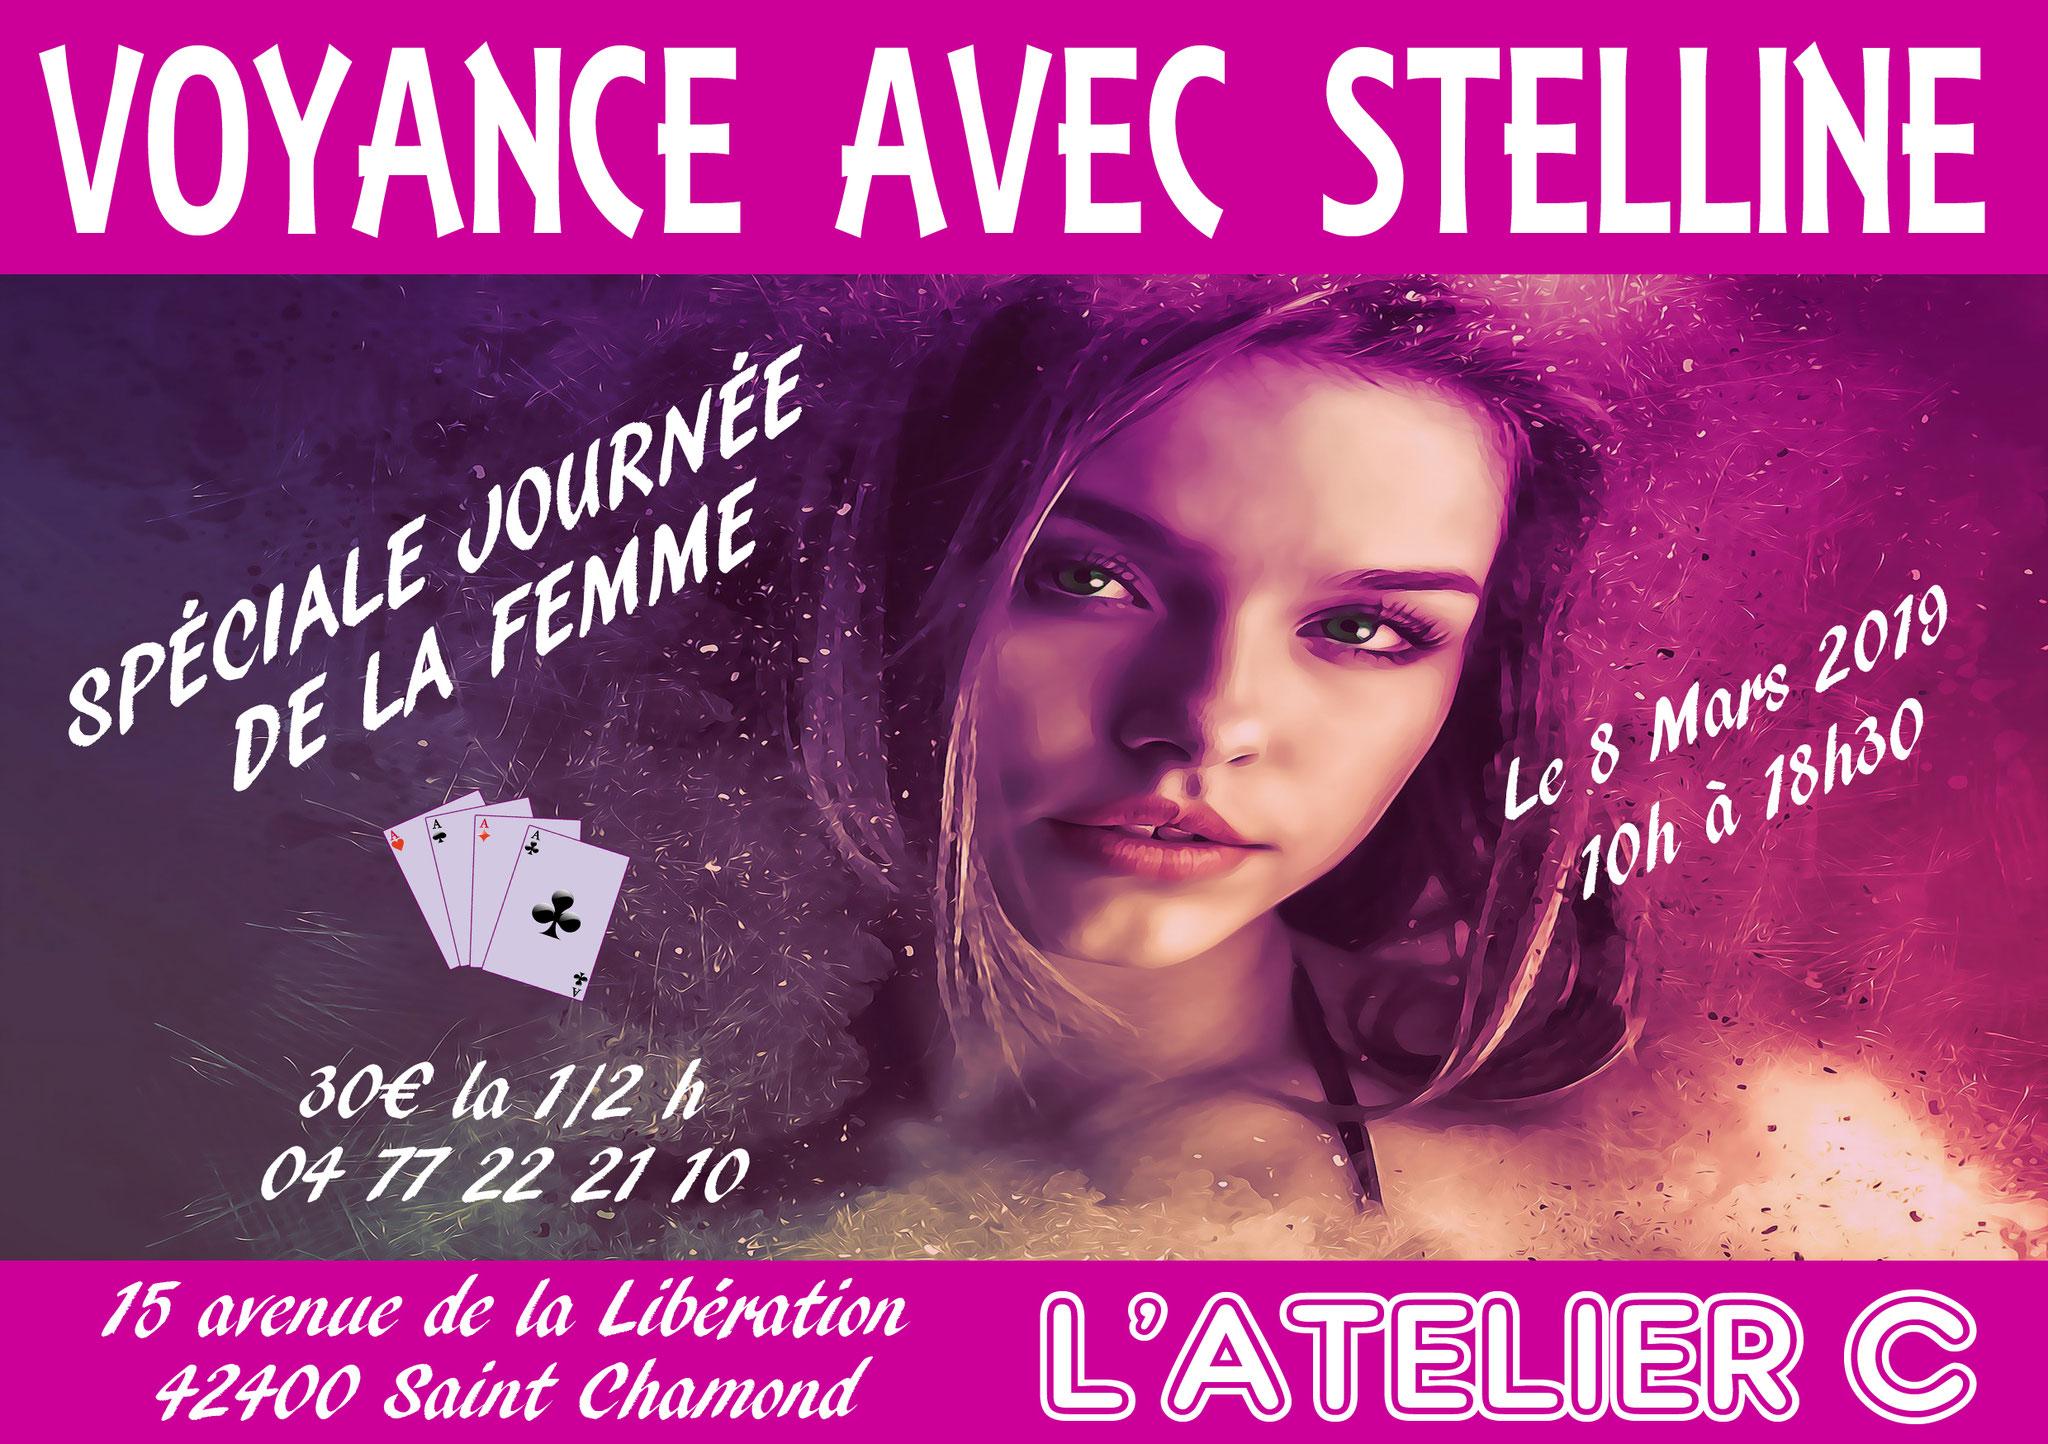 Stelline à L'Atelier C à St Chamond le 8 mars 2019